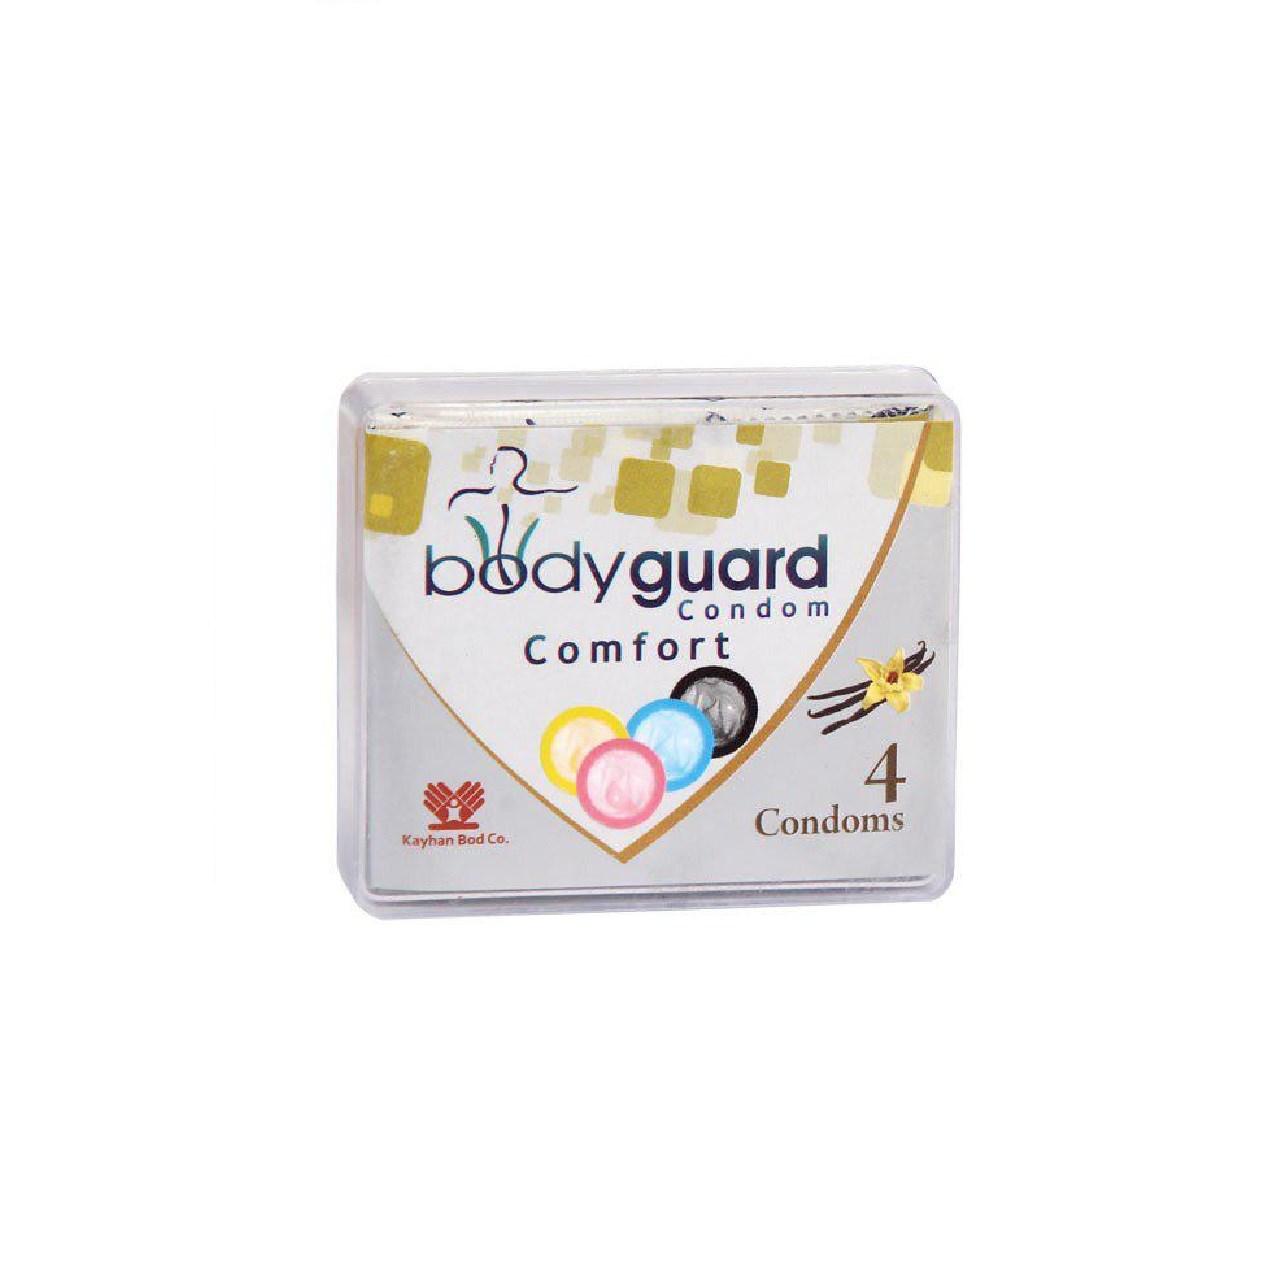 خرید                      کاندوم بادی گارد مدل کامفورت بسته 4 عددی